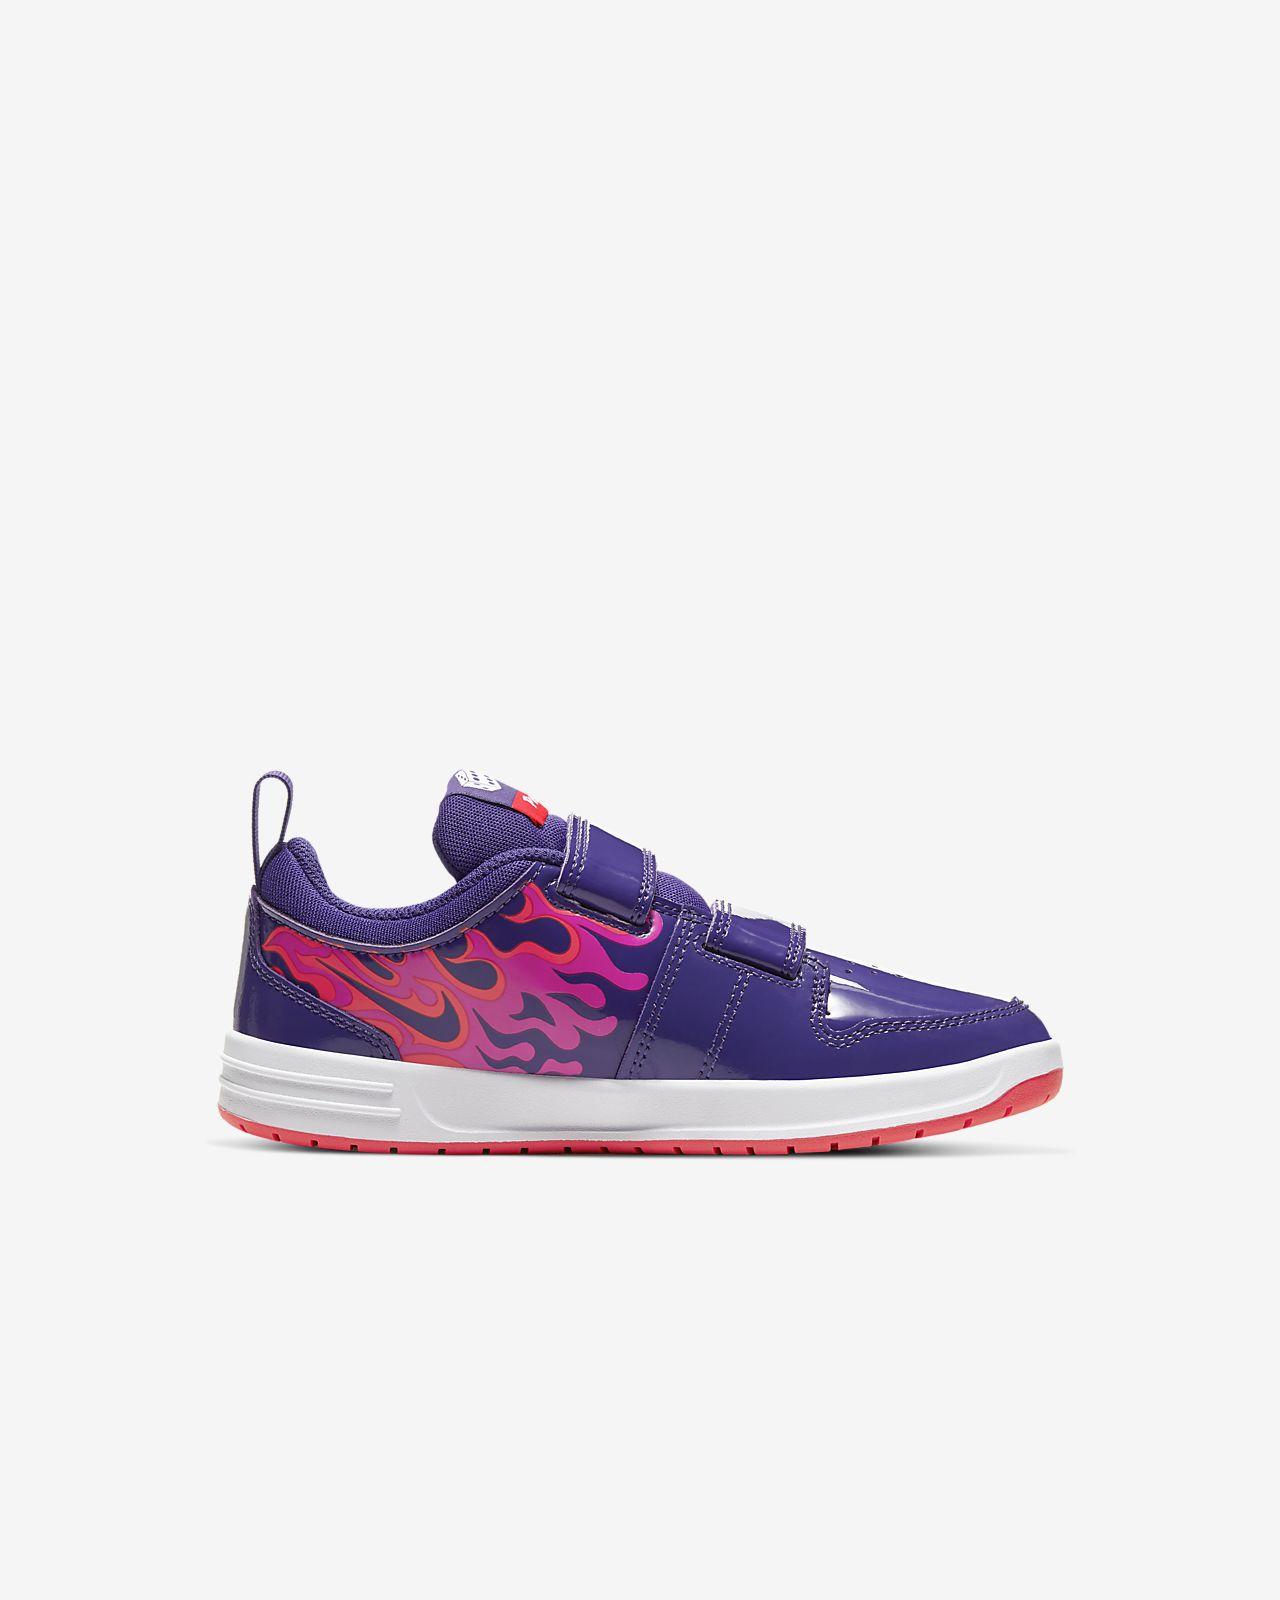 Sapatilhas Nike Pico 5 Auto para criança